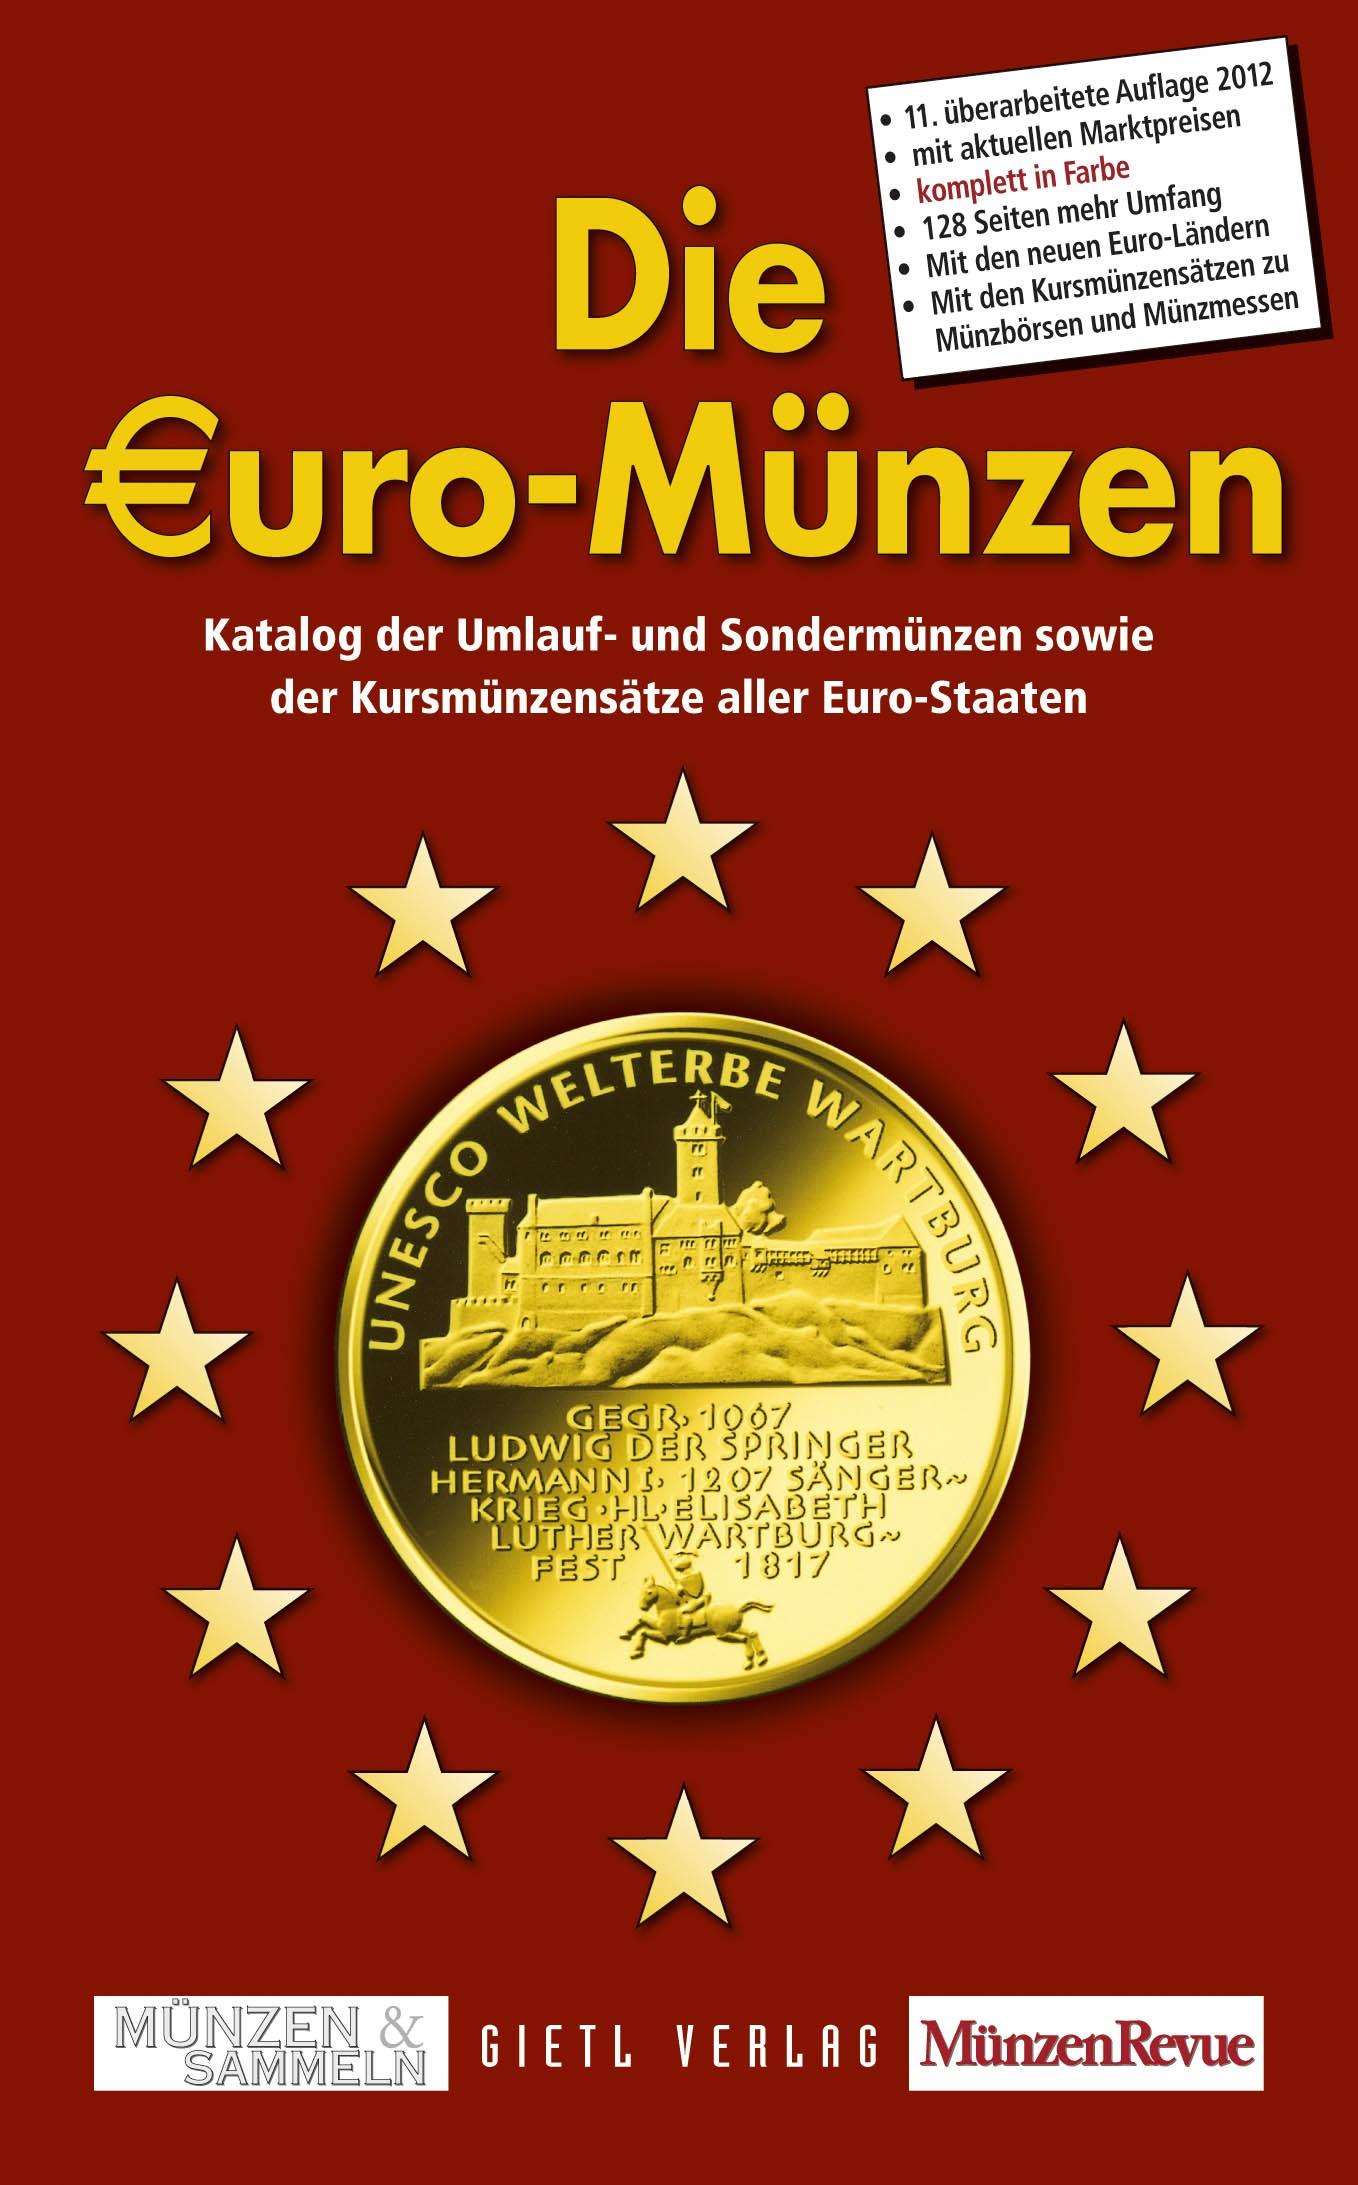 Mescide Sammlerzubehör Die Euro Münzen 2012 In Farbe